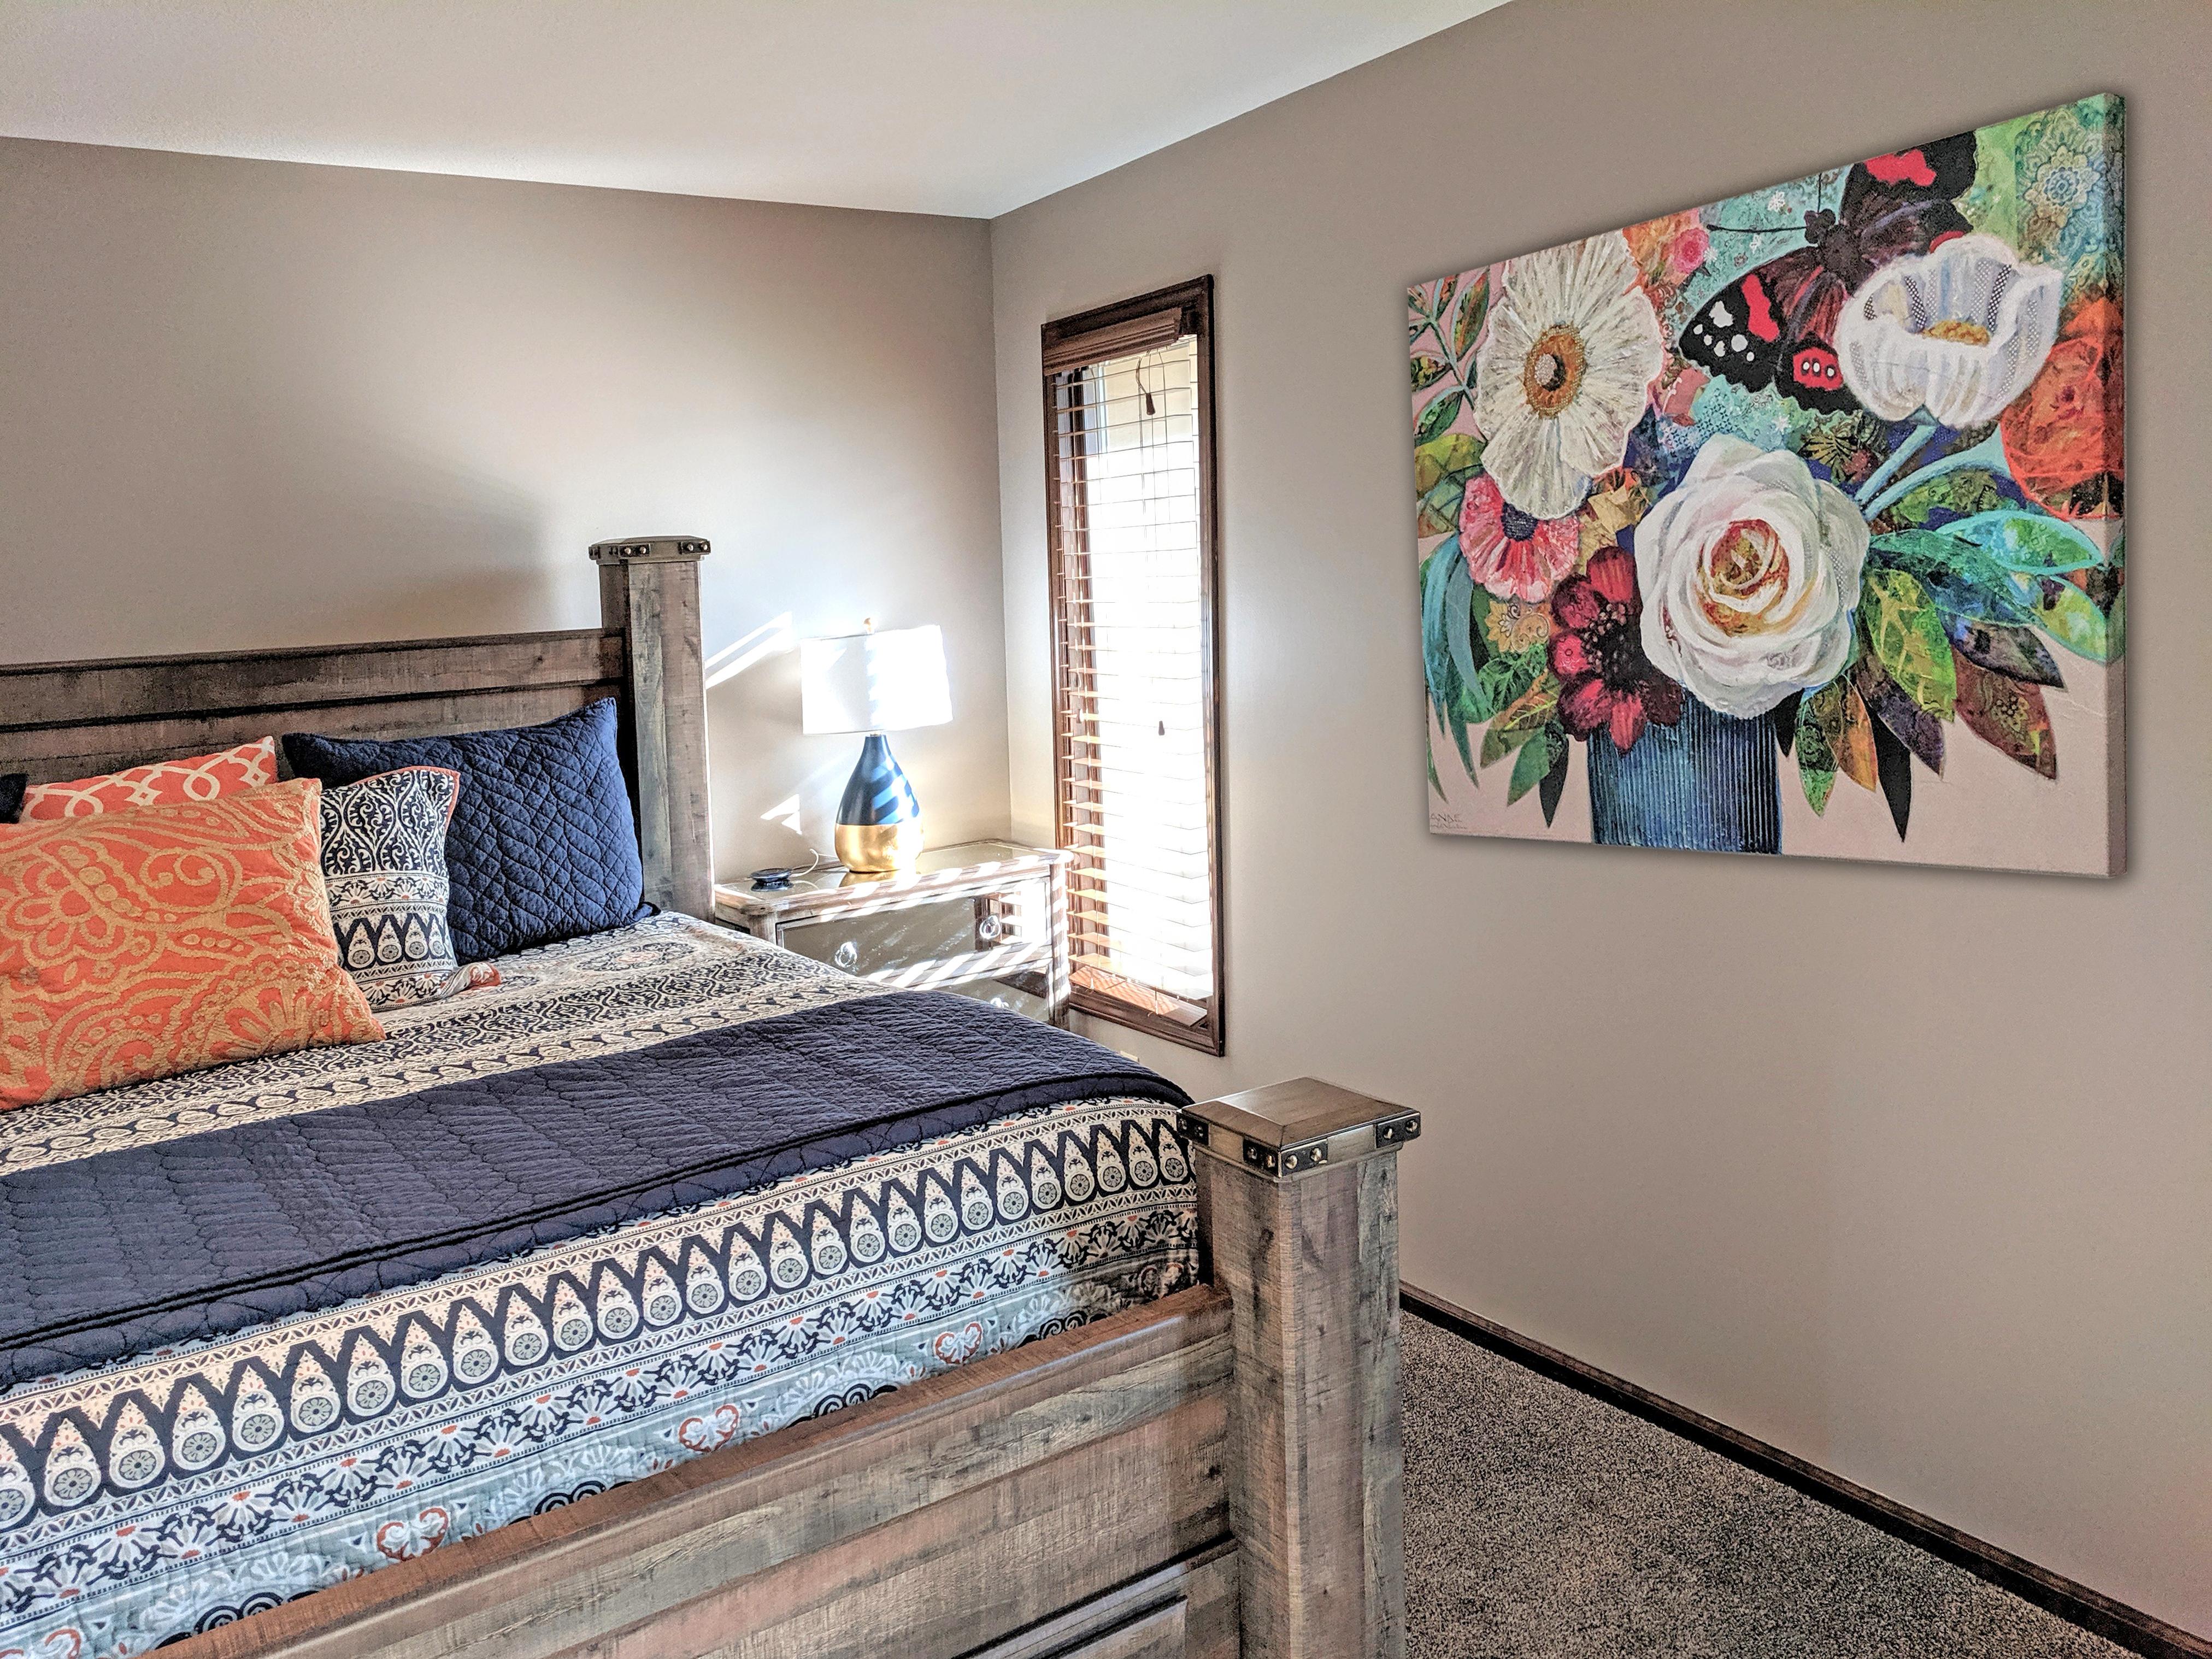 C Mott bedroom